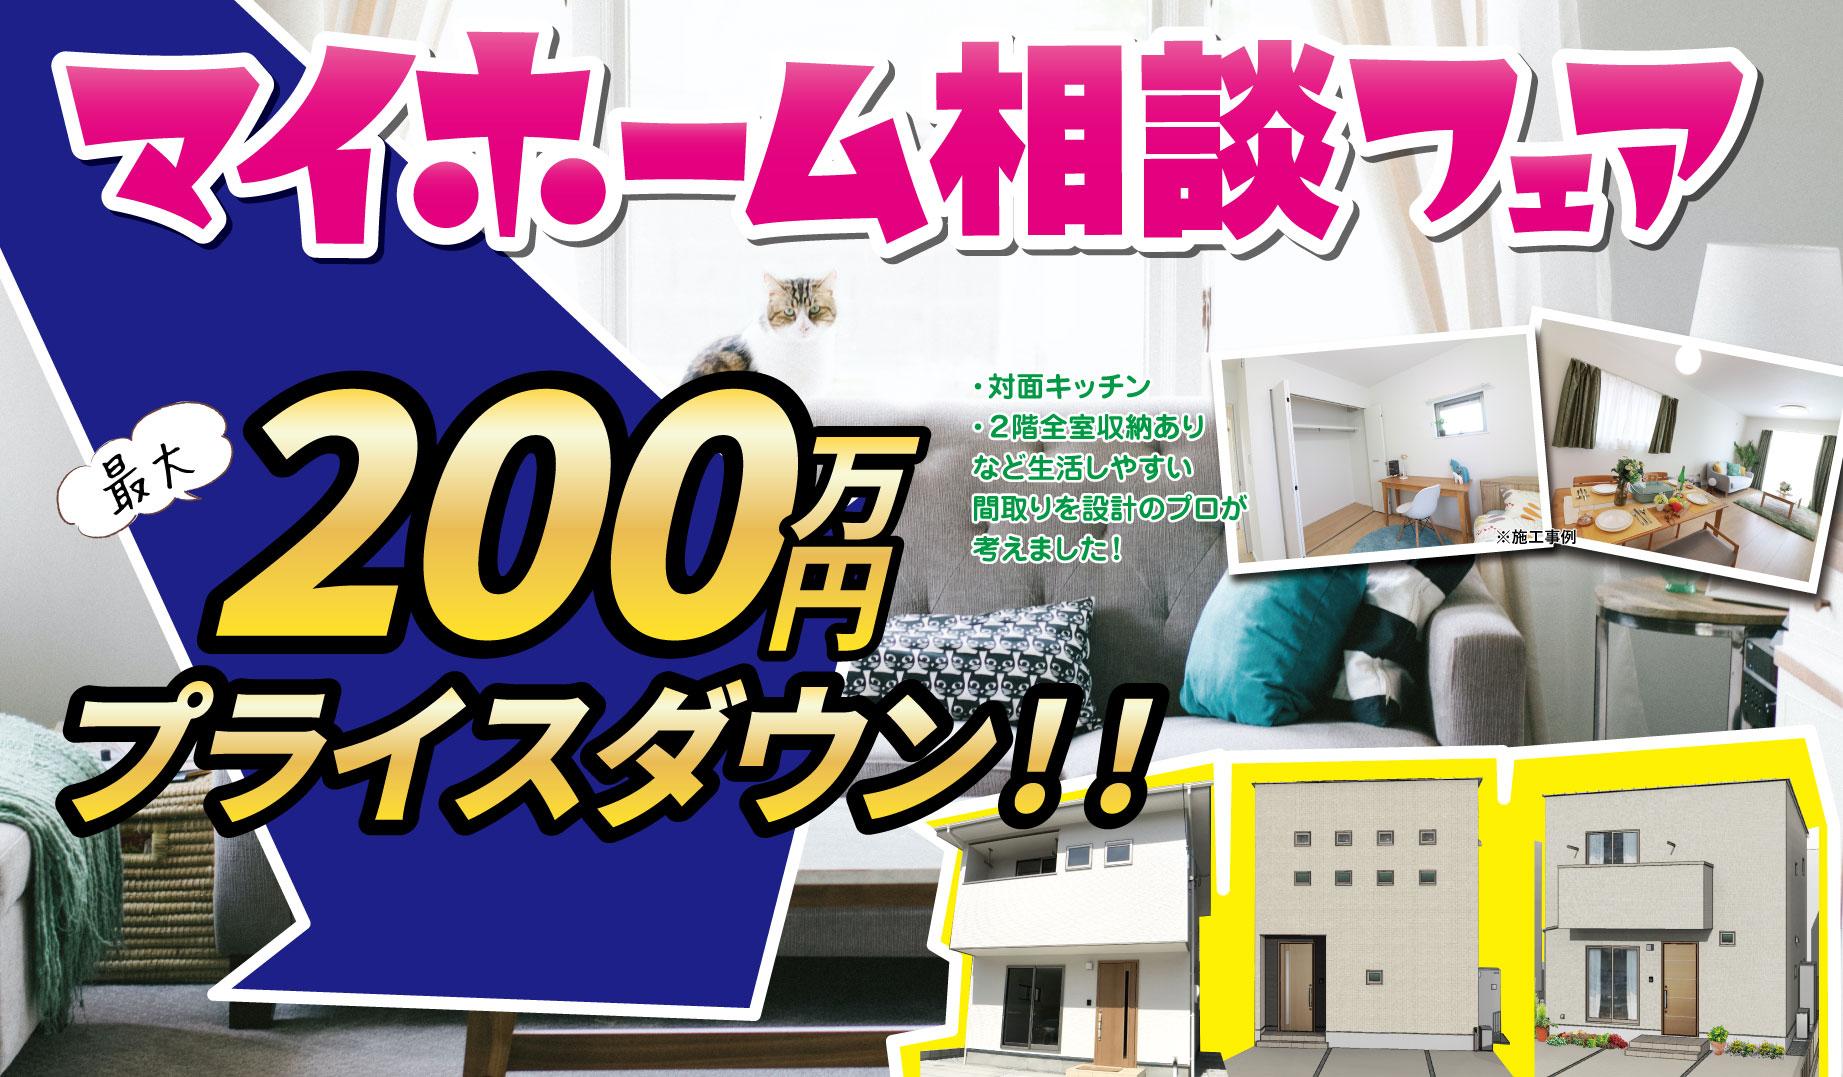 【新着】マイホーム相談フェア!最大200万円プライスダウン物件多数!